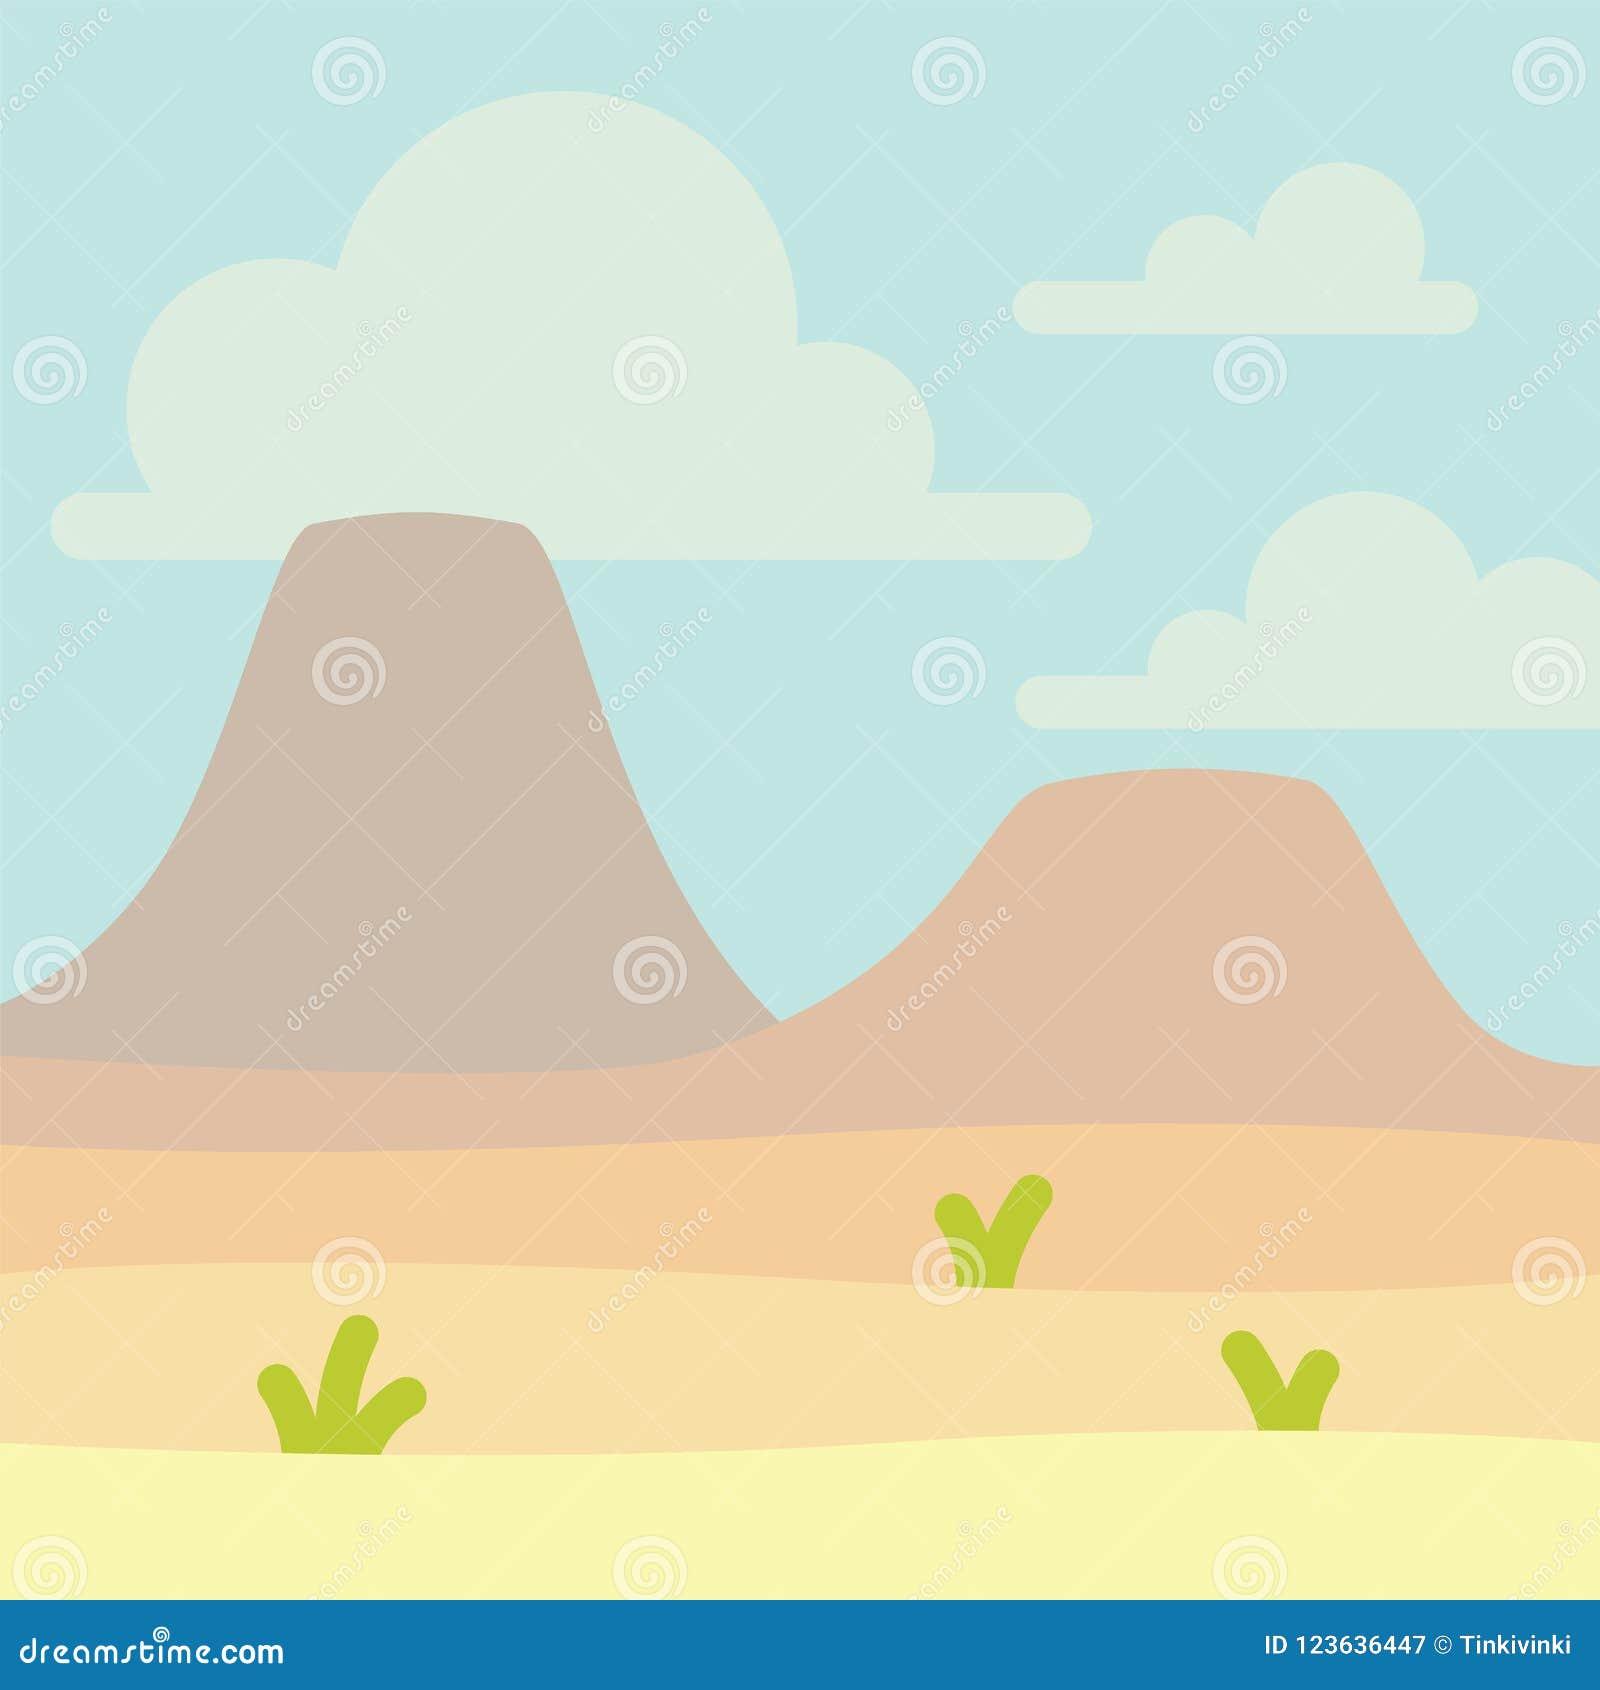 Μαλακό τοπίο φύσης με το μπλε ουρανό, την έρημο, τα ηφαίστεια ή τα βουνά και κάποια πράσινη χλόη Κενό διάστημα με κανένα